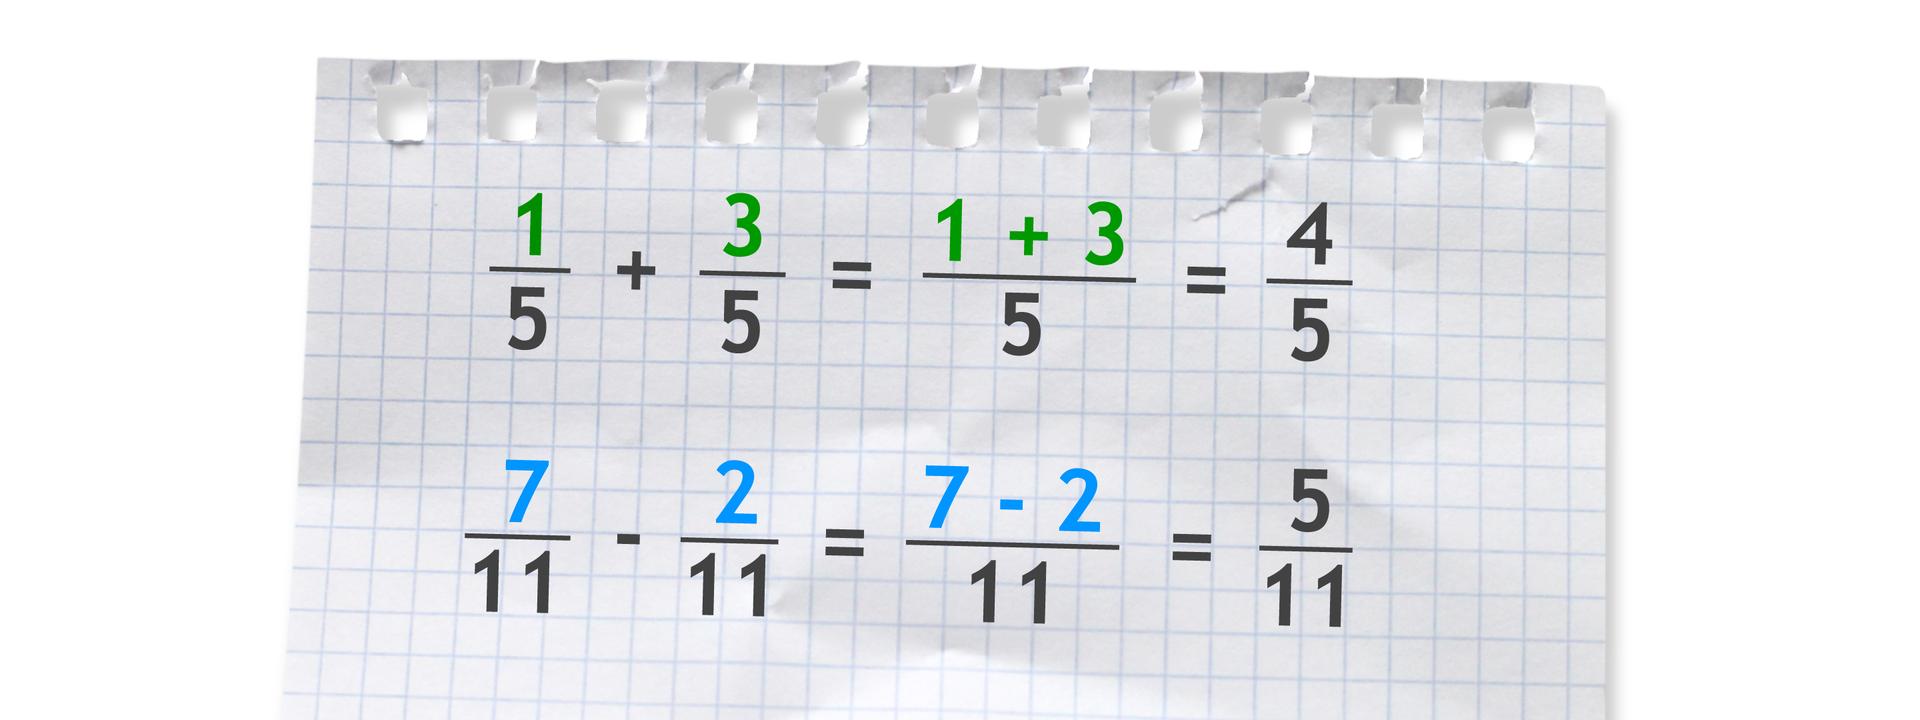 Dwa przykłady. Pierwszy przykład: jedna piąta plus trzy piąte równa się cztery piąte. Drugi przykład: siedem jedenastych minus dwie jedenaste równa się pięć jedenastych.